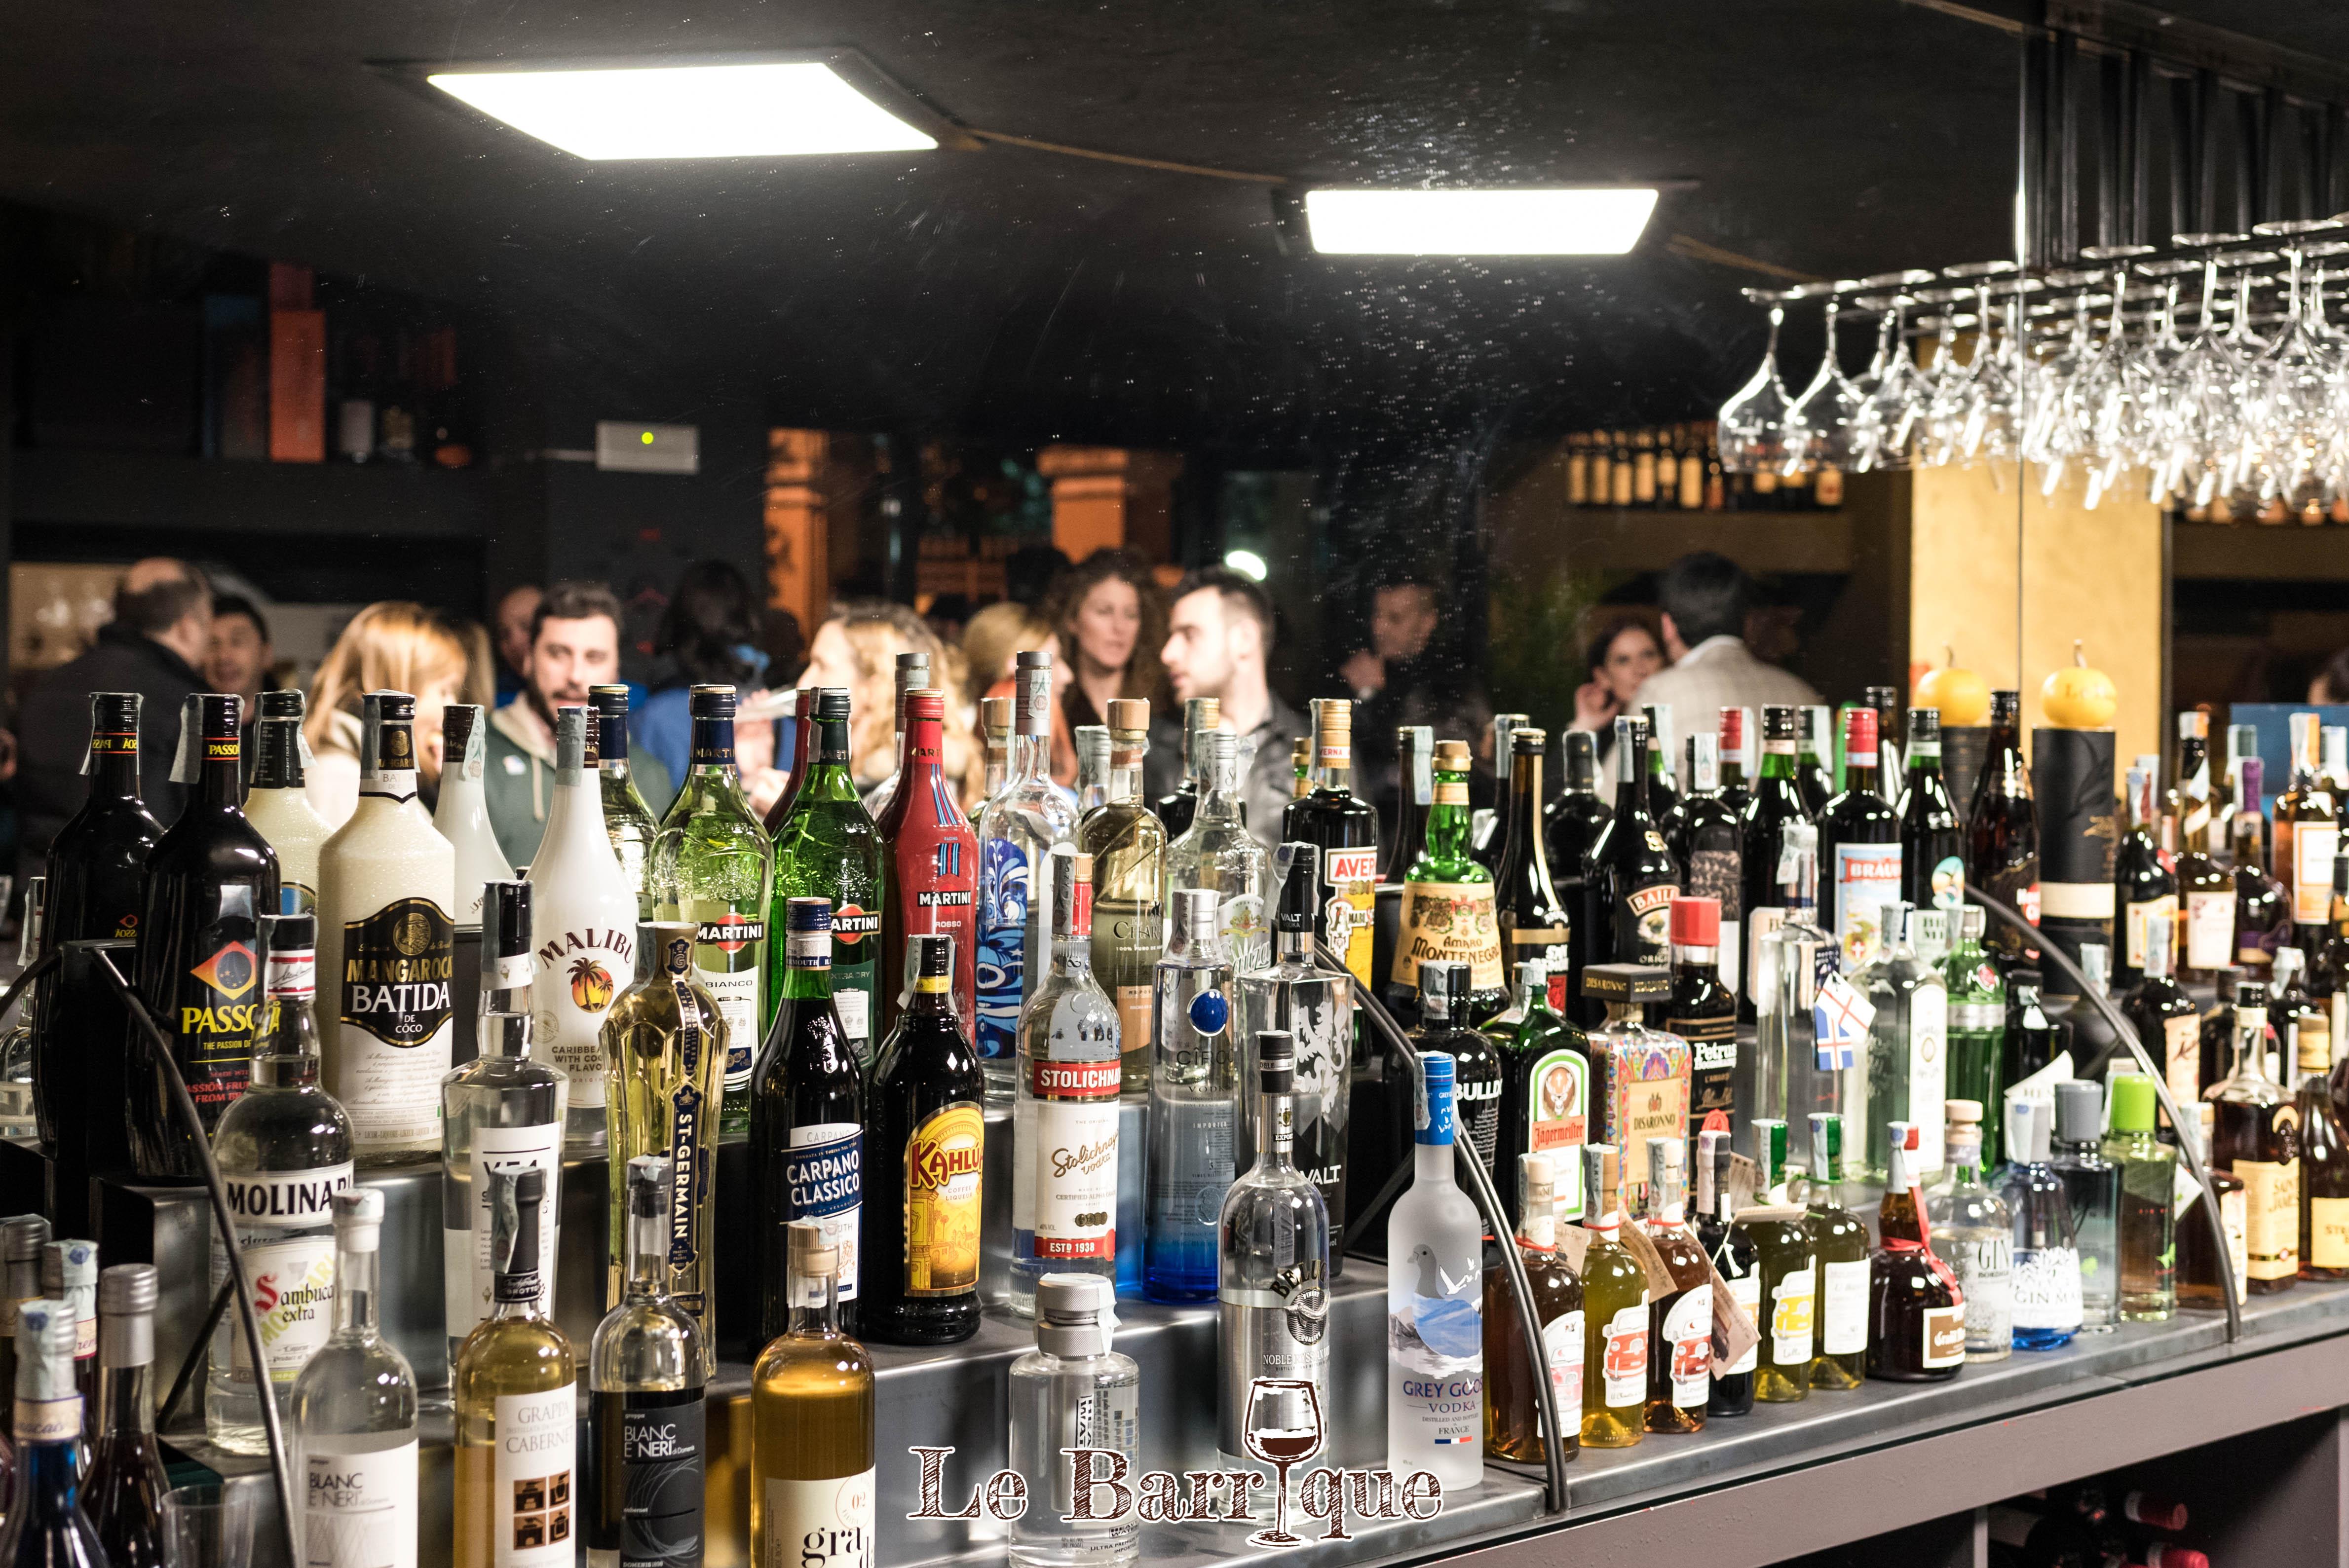 Esposizione delle bevute in bottiglia del locale